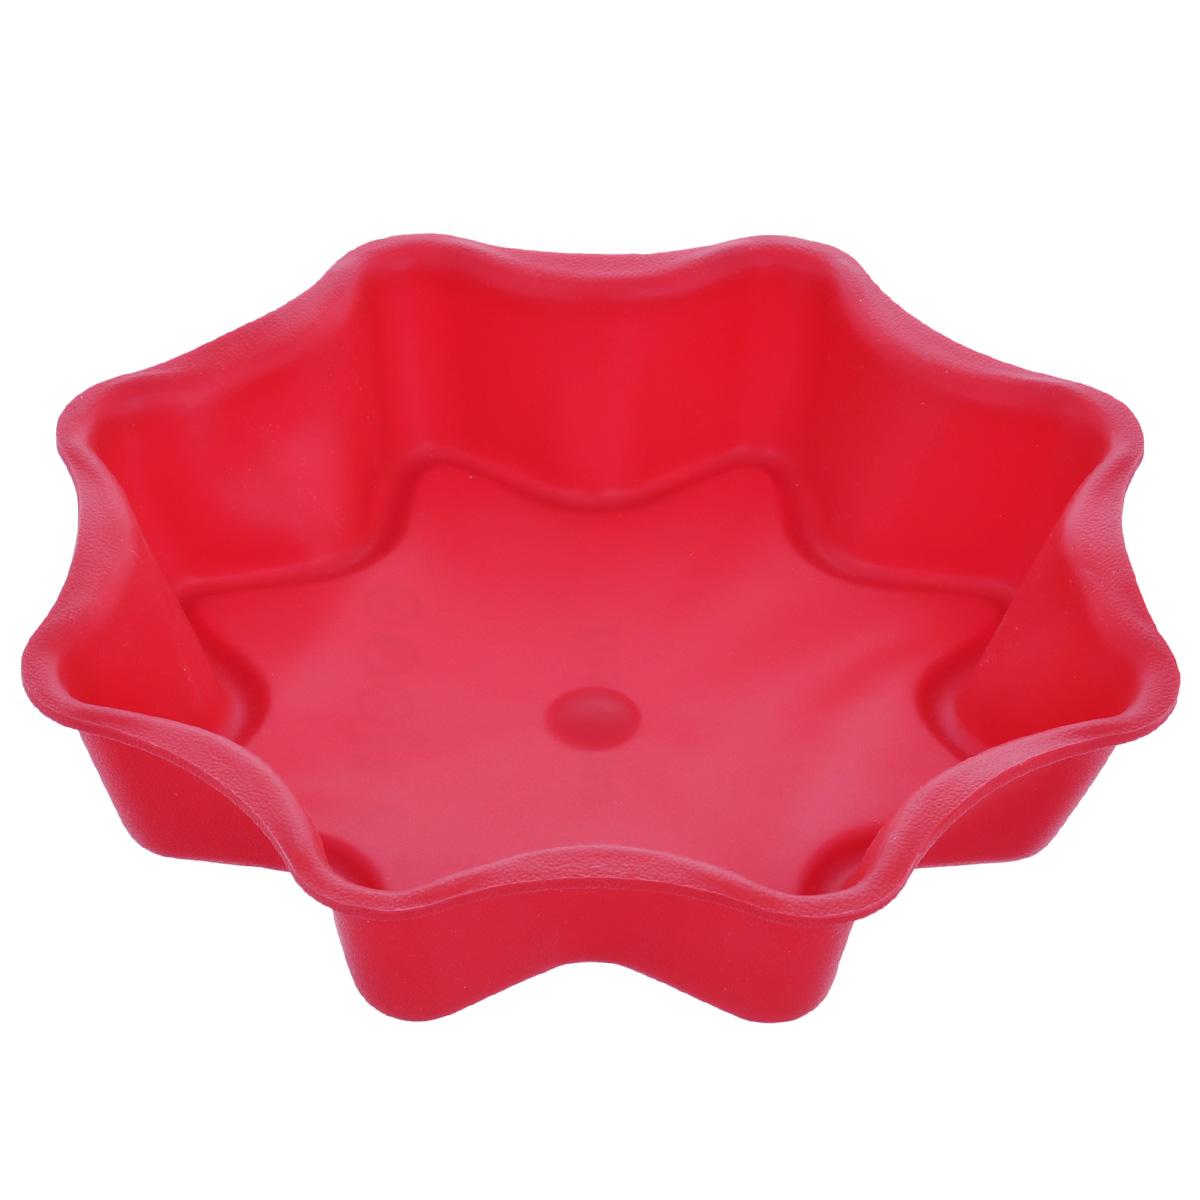 Форма для выпечки Tescoma Delicia Silicone, цвет: красный, диаметр 28 см629274Форма Tescoma Delicia Silicone, выполненная в виде восьмиконечной звезды, будет отличным выбором для всех любителей выпечки. Благодаря тому, что форма изготовлена из силикона, готовую выпечку вынимать легко и просто. Форма прекрасно подходит для выпечки пирогов, тортов и других десертов. С такой формой вы всегда сможете порадовать своих близких оригинальной выпечкой. Материал изделия устойчив к фруктовым кислотам, может быть использован в духовках, микроволновых печах, холодильниках и морозильных камерах (выдерживает температуру от -40°C до 230°C). Антипригарные свойства материала позволяют готовить без использования масла.Можно мыть и сушить в посудомоечной машине. При работе с формой используйте кухонный инструмент из силикона - кисти, лопатки, скребки. Не ставьте форму на электрическую конфорку. Не разрезайте выпечку прямо в форме.